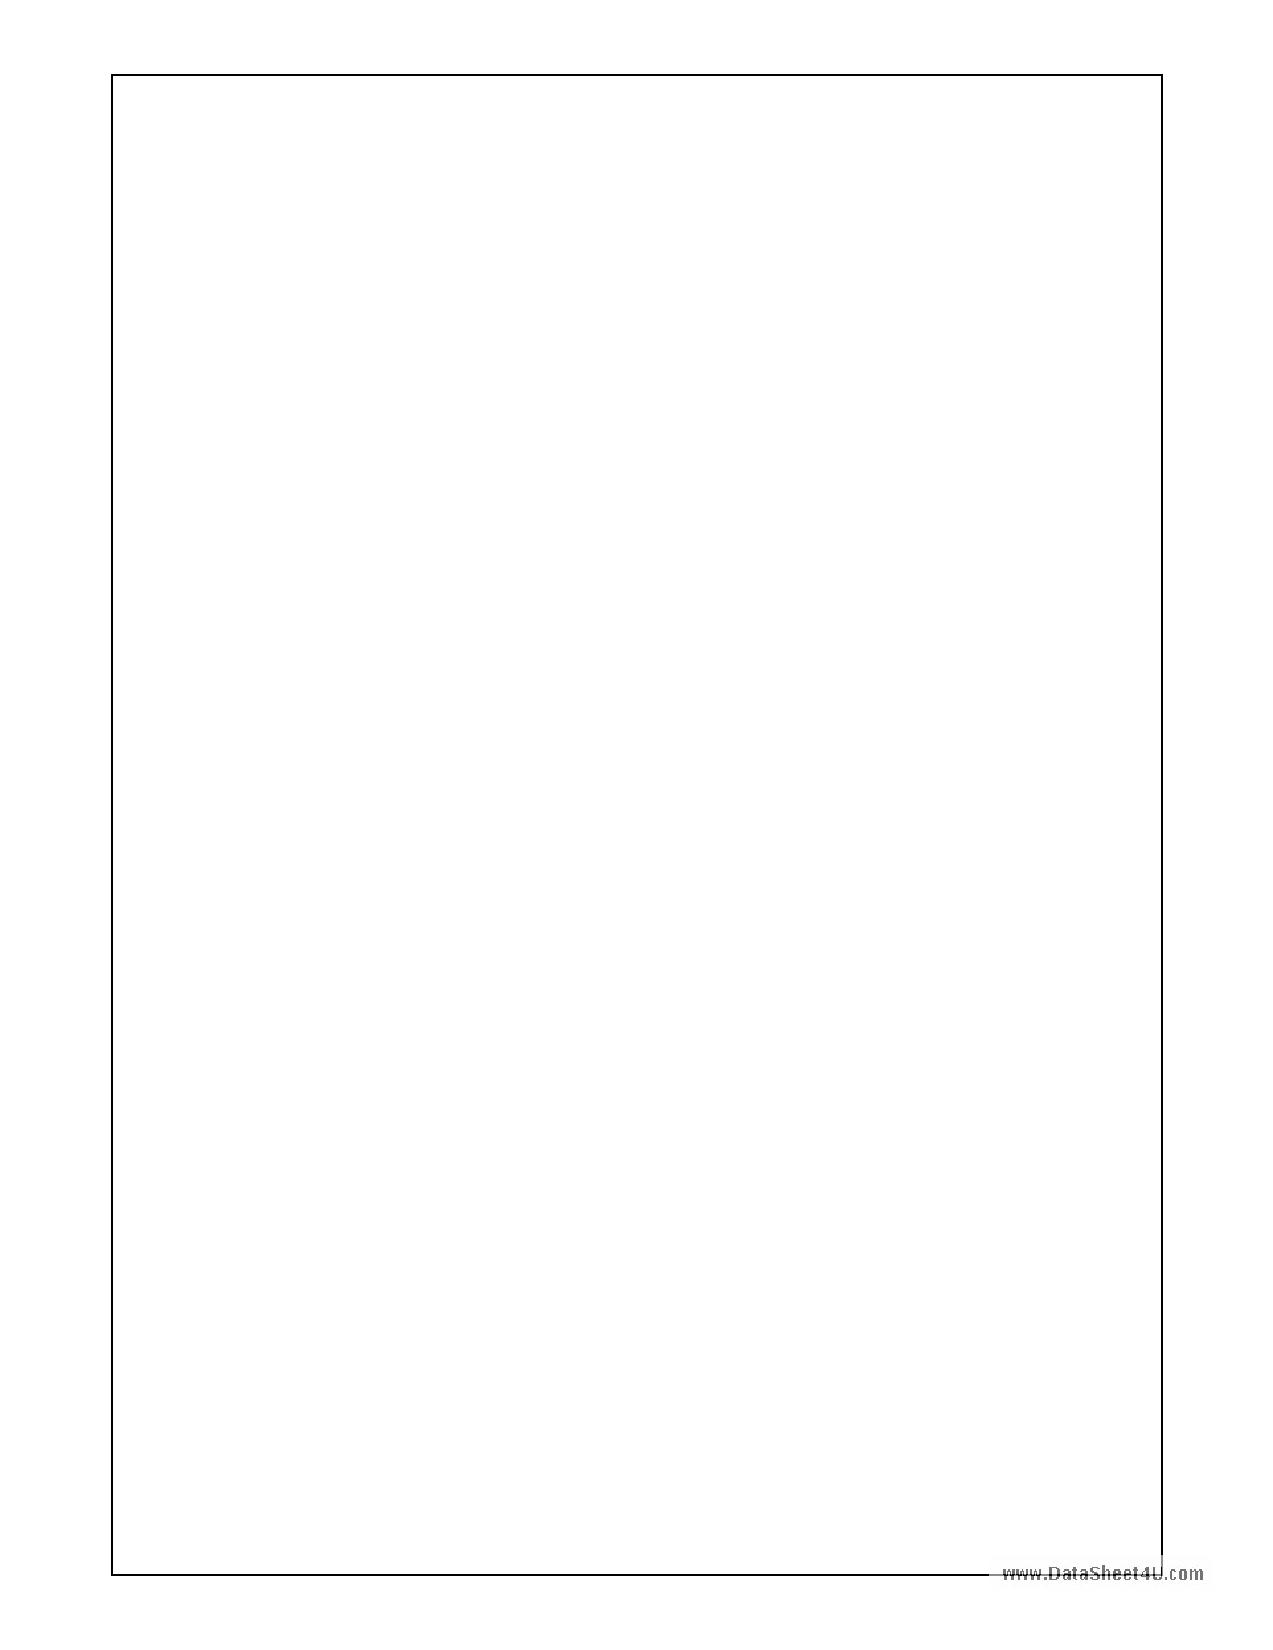 G1-266B-85-1.8 pdf